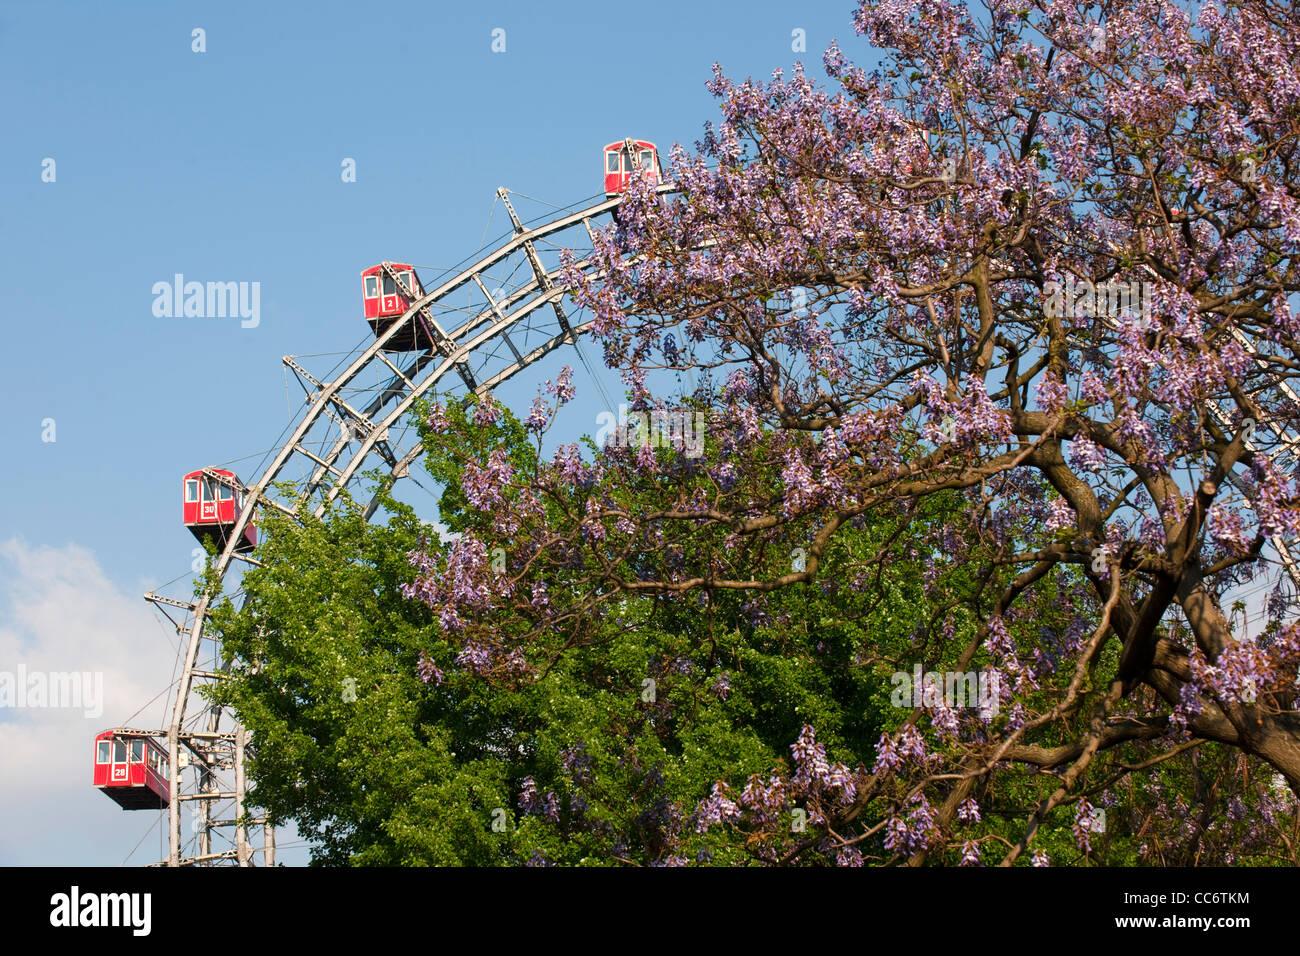 Österreich, Wien II, Prater, Vergnügungspark Wurstelprater, Riesenrad, Wahrzeichen Wiens - Stock Image